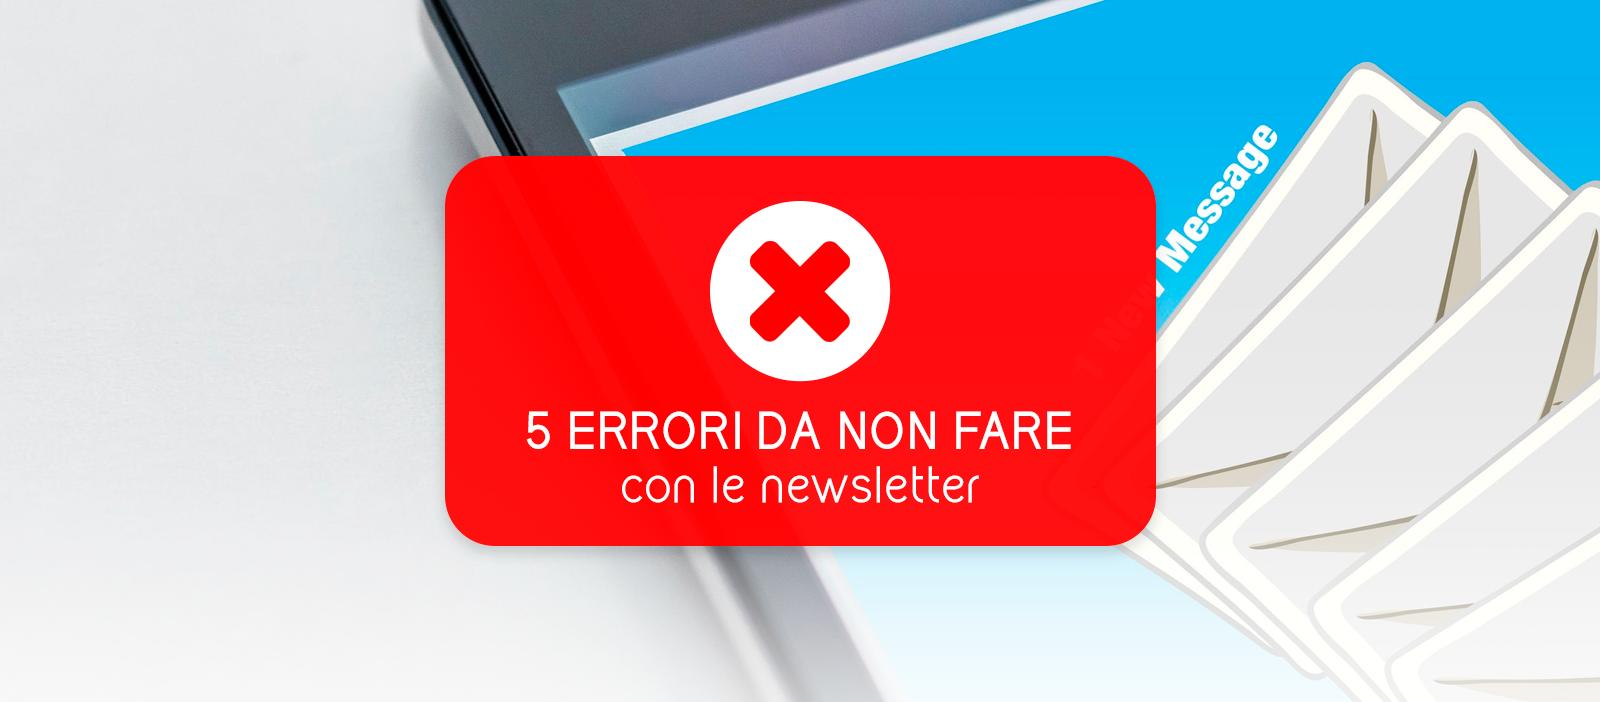 5 errori da non fare con le newsletter